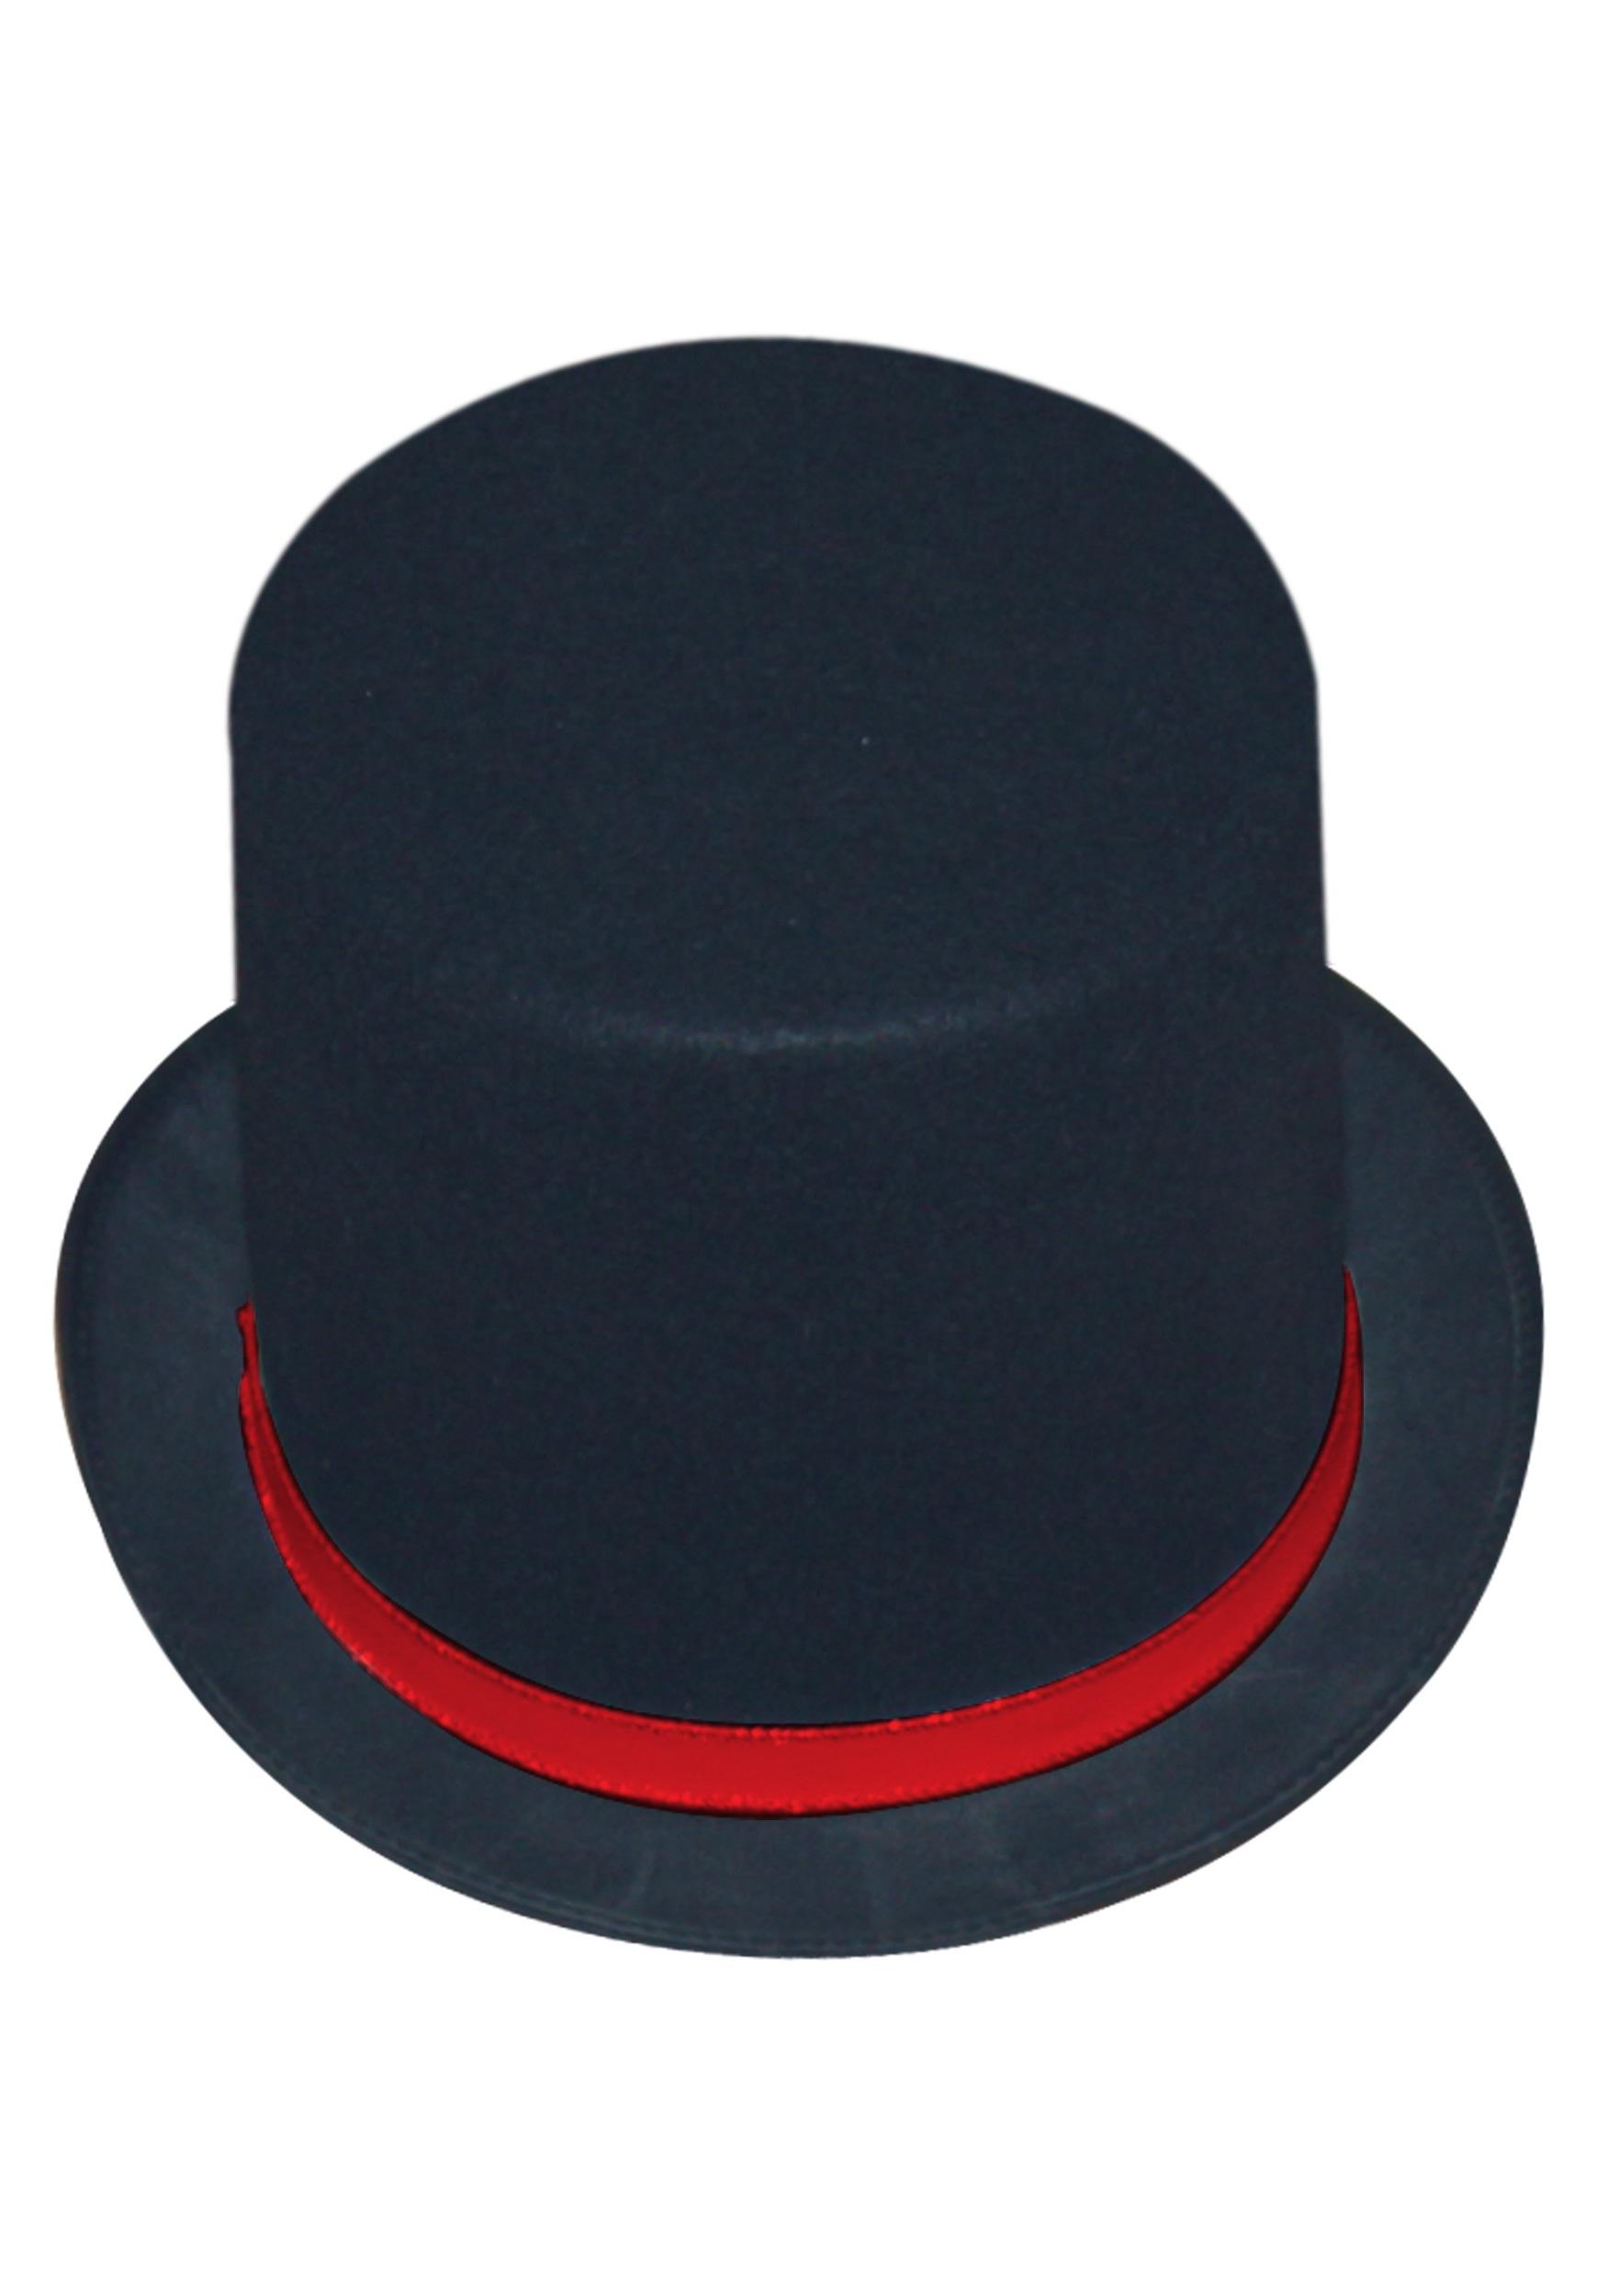 91b86c83c0c66 Sombrero de mago para niños